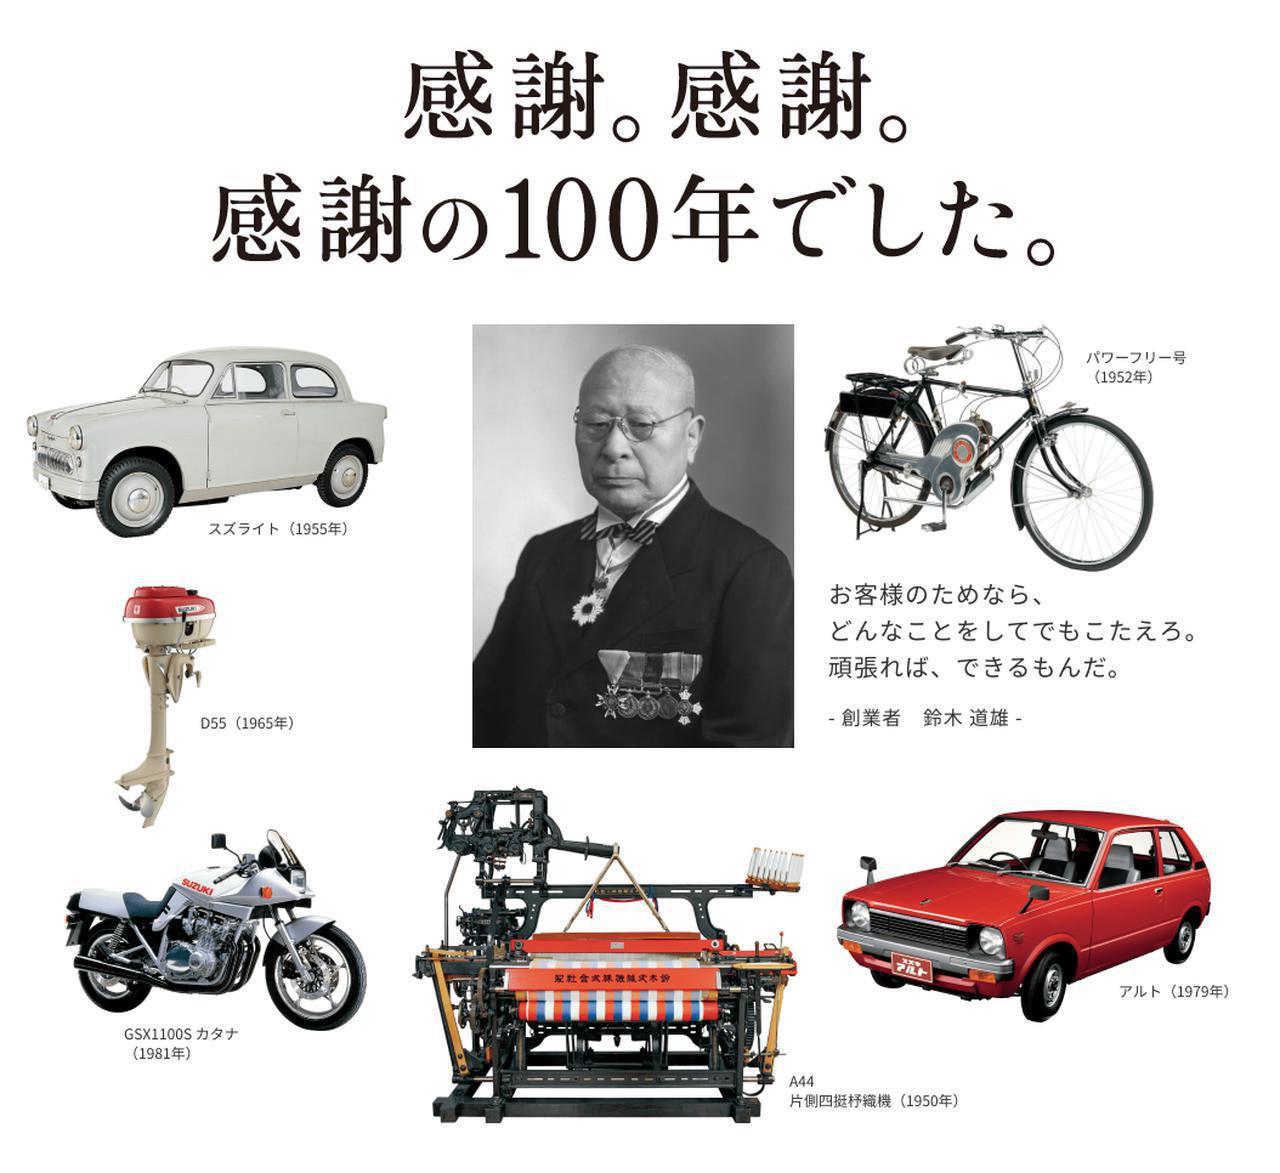 画像2: スズキ100周年記念サイト